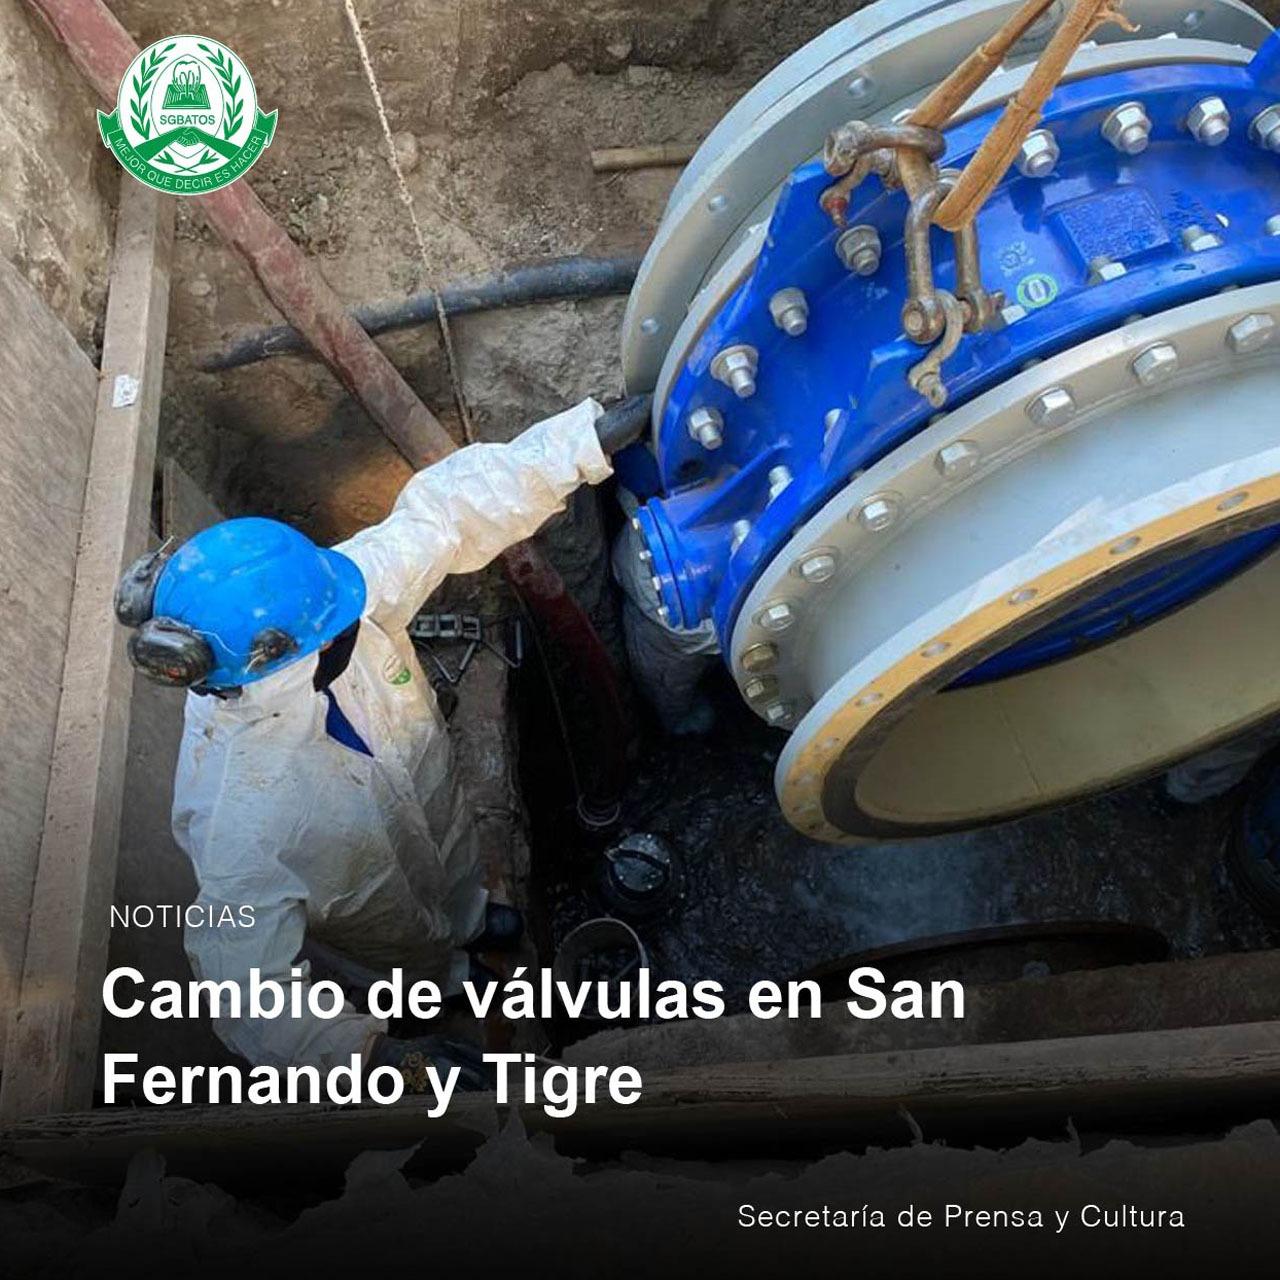 Cambios de válvulas en San Fernando  y Tigre